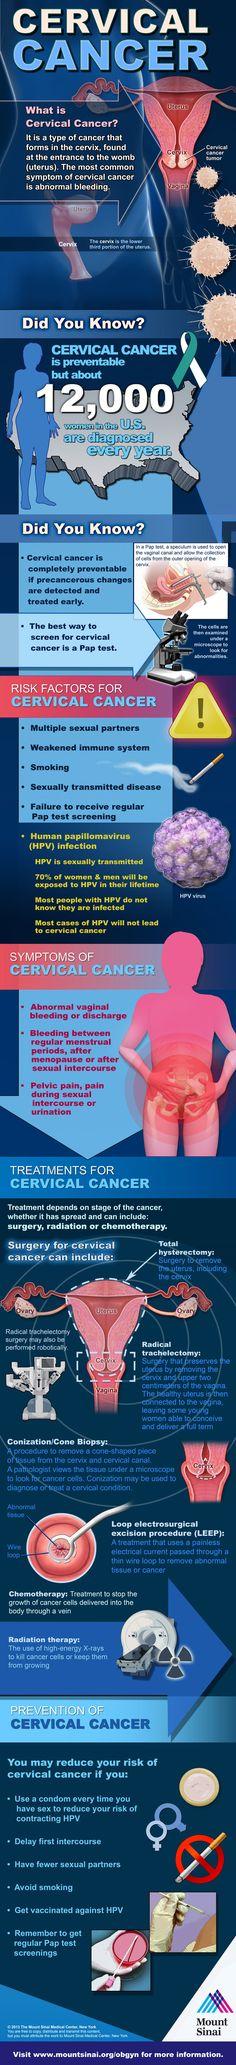 Your Guide to #CervicalCancer #cancer #healthcare #NursinginPractice